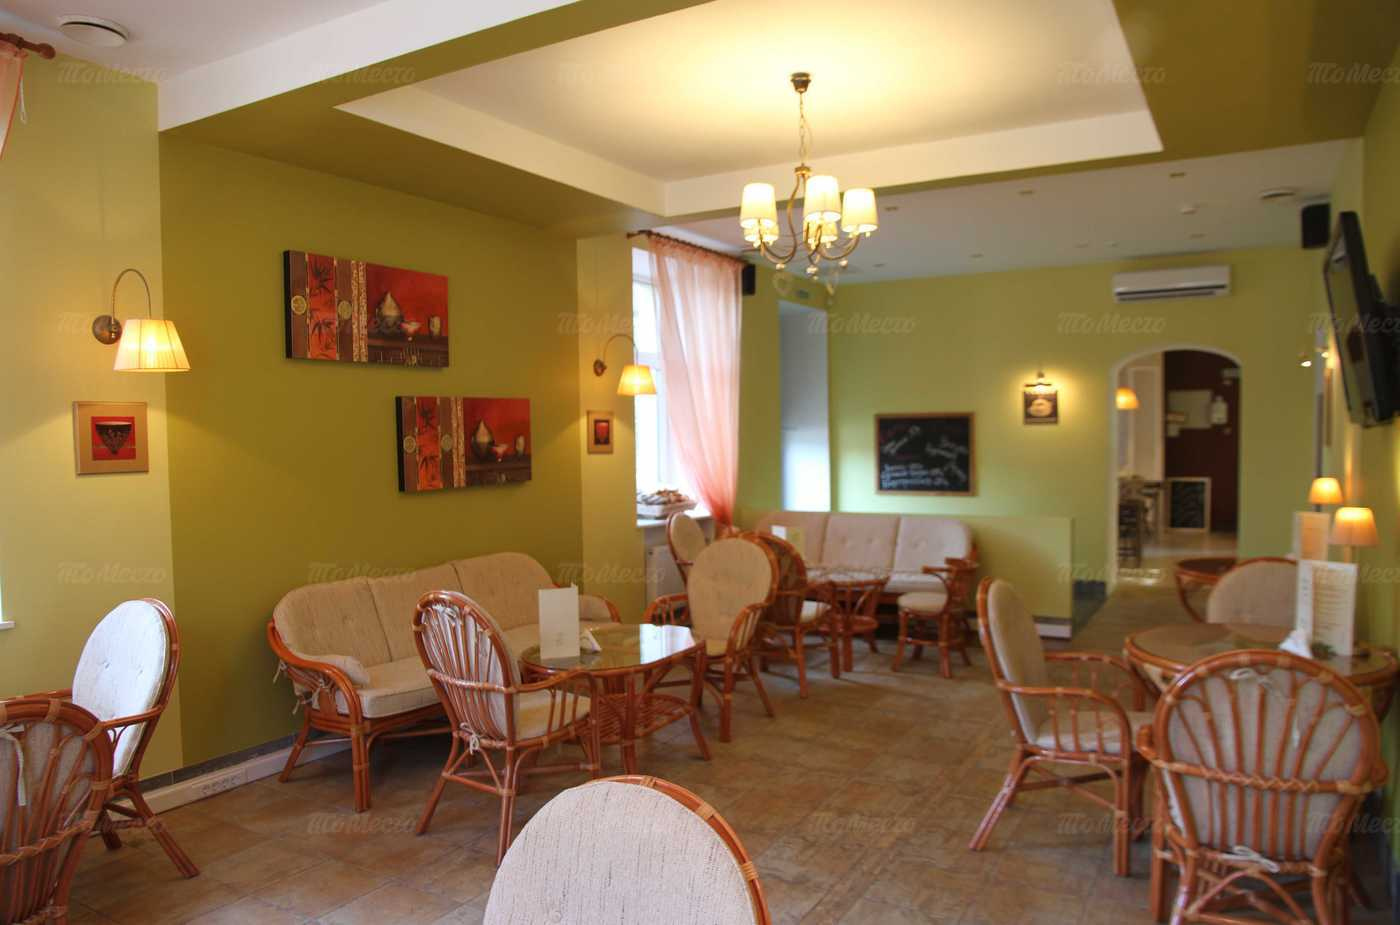 Меню кафе, ресторана Нака чай на Малом проспекте В.О.